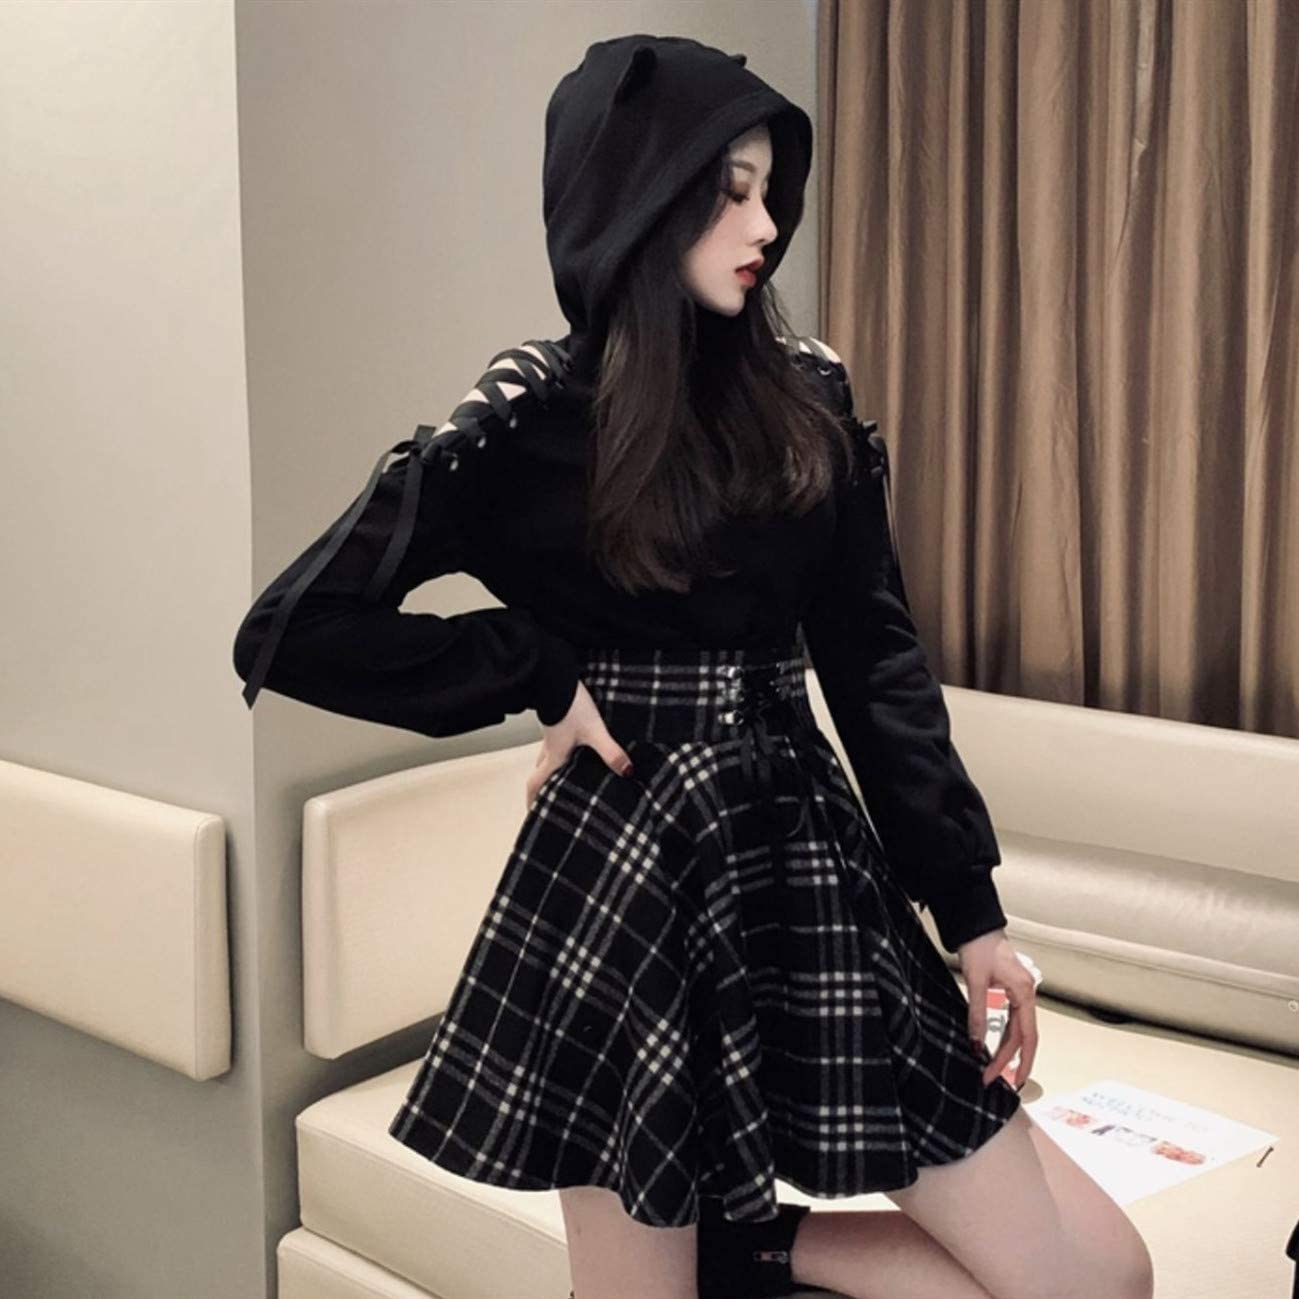 SIPEIEN Women's Plaid A-line Skirt Gothic High Waist Pleated Flare Short Mini Skater Skirt